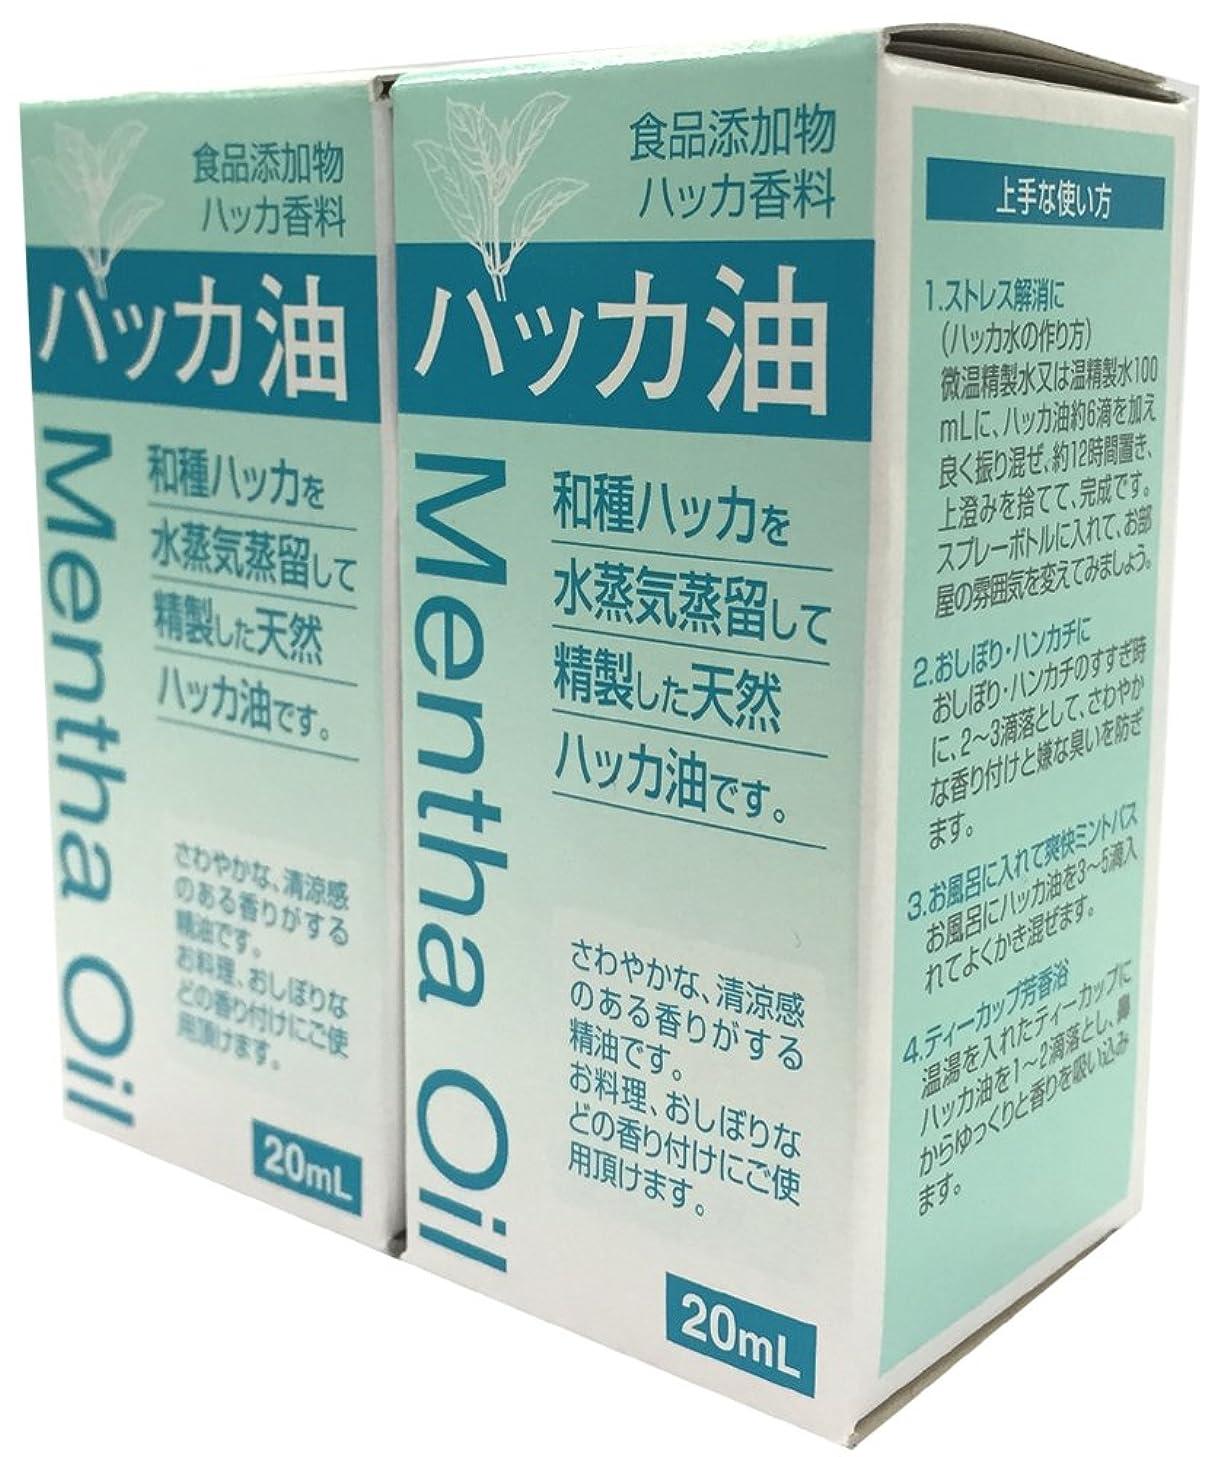 食品センサー損なう食品添加物 ハッカ油 20mL 2個セット